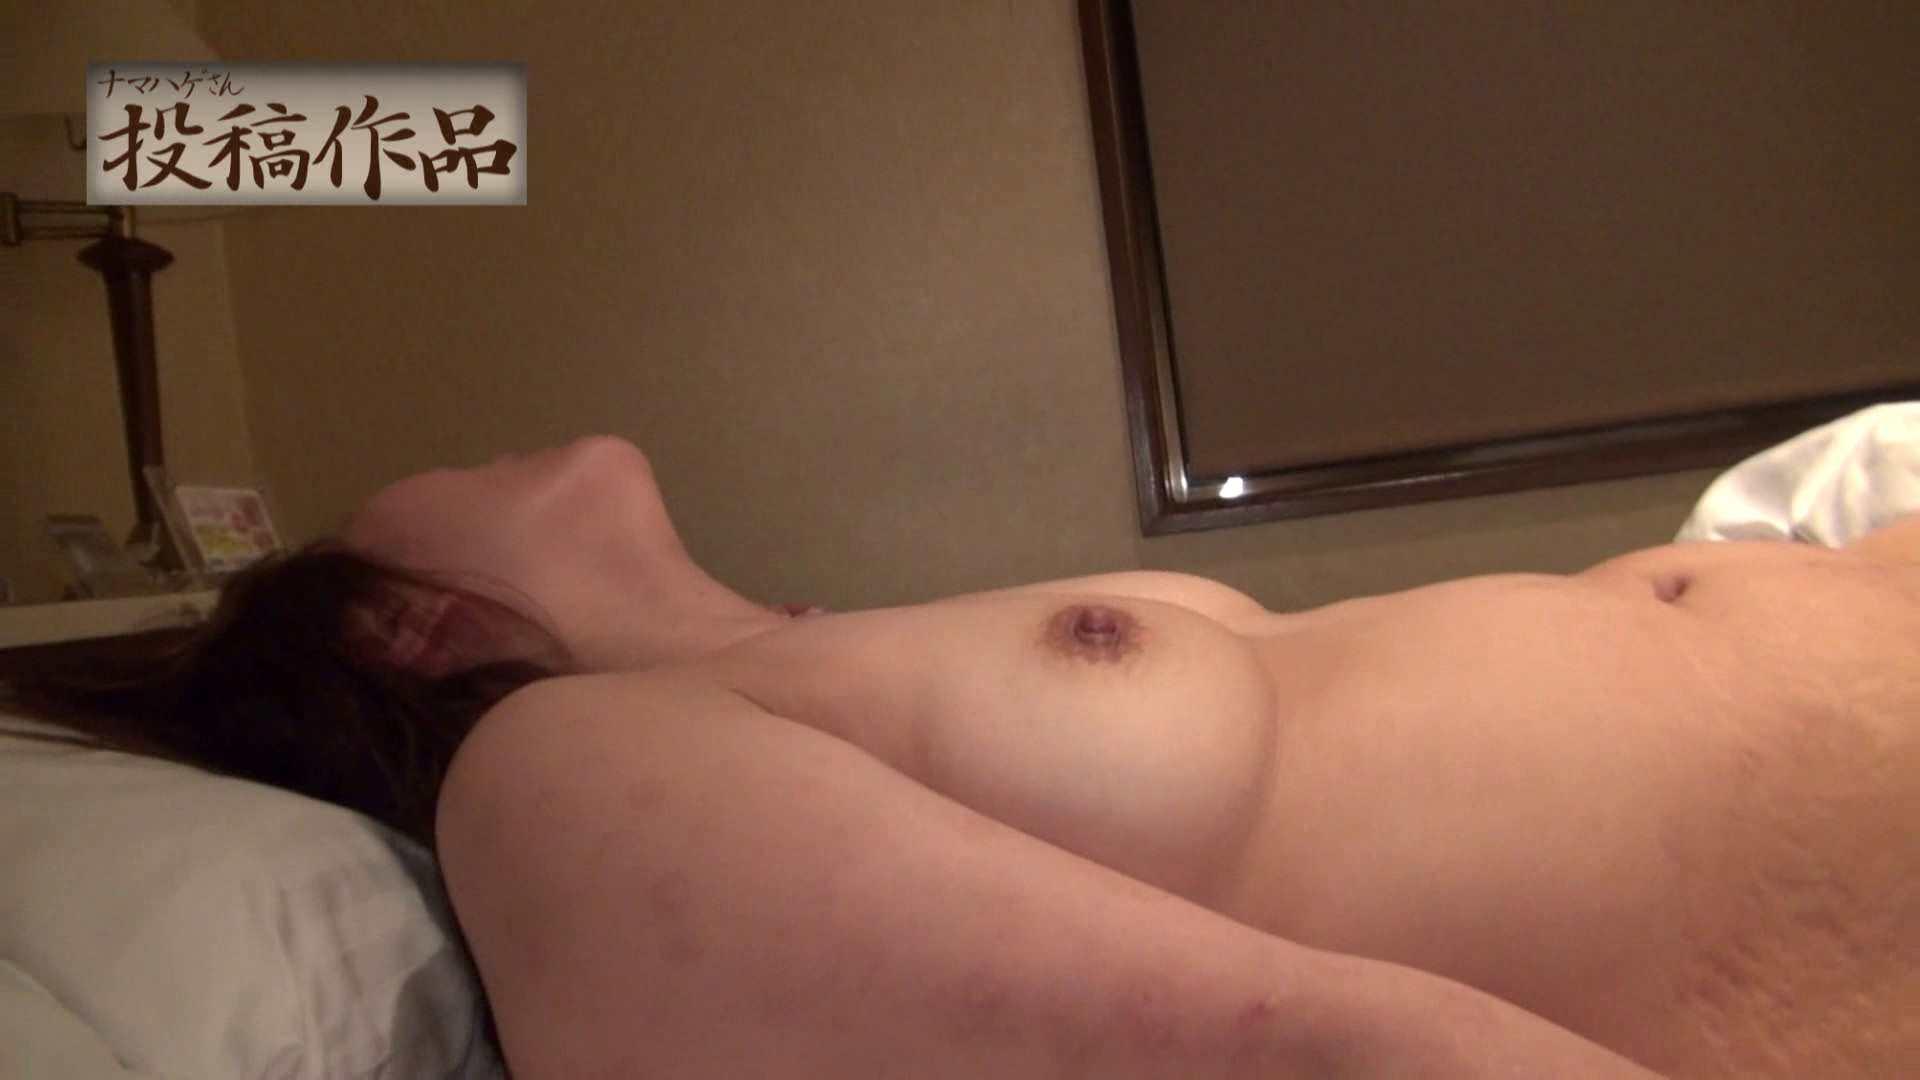 ナマハゲさんのまんこコレクション第二章 nobu 02 投稿映像   一般投稿  72pic 7